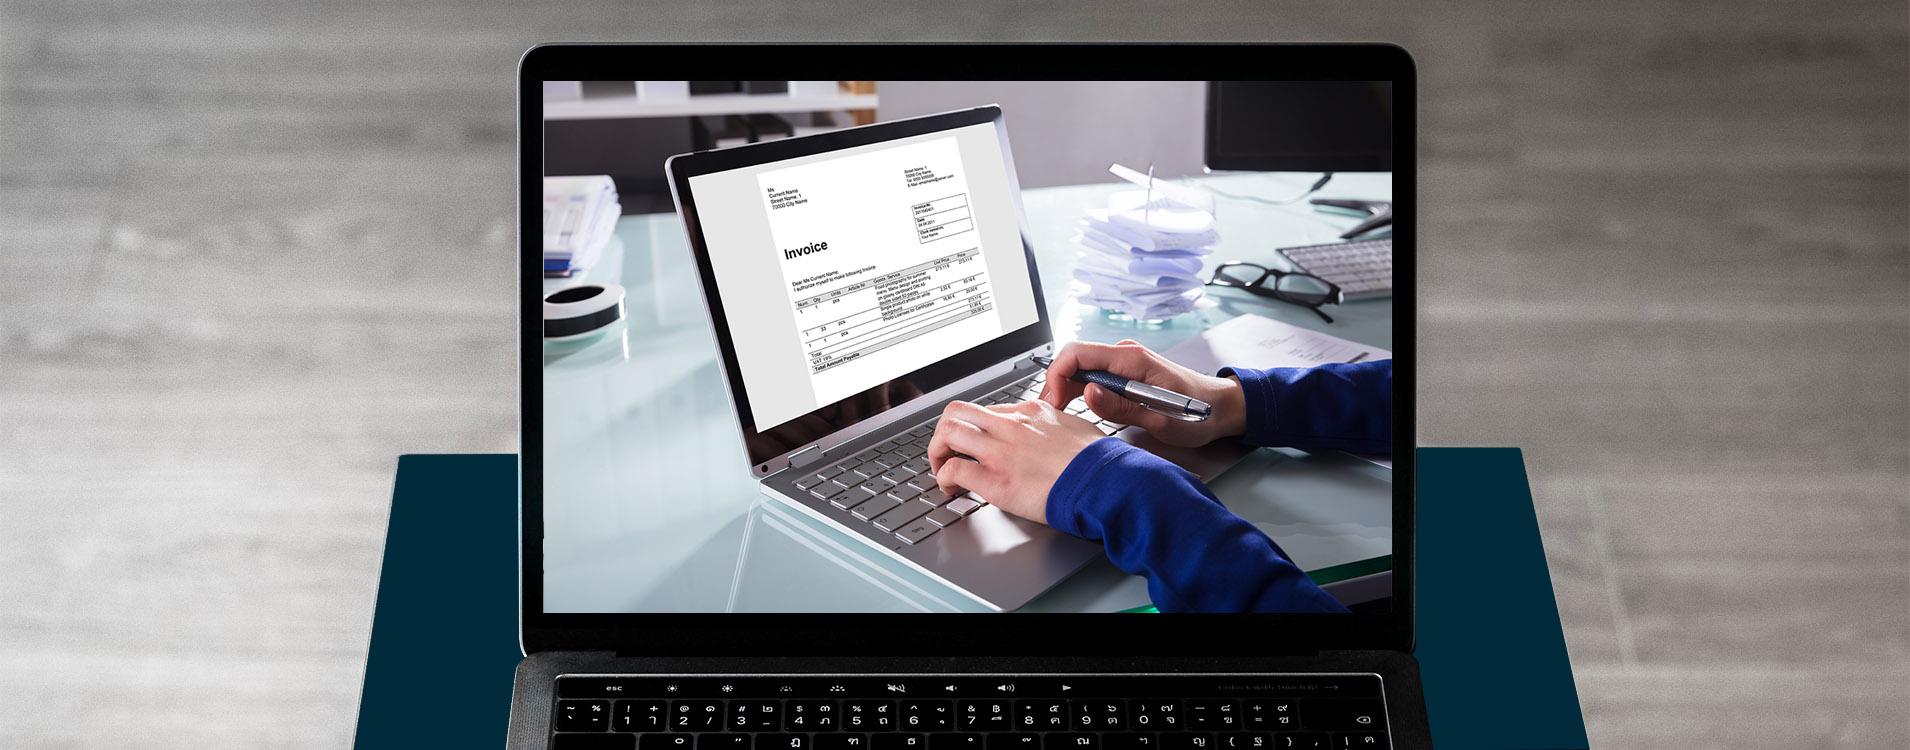 Fatturazione elettronica e corrispettivi elettronici: chiarimenti alla luce dei documenti di prassi e dubbi irrisolti